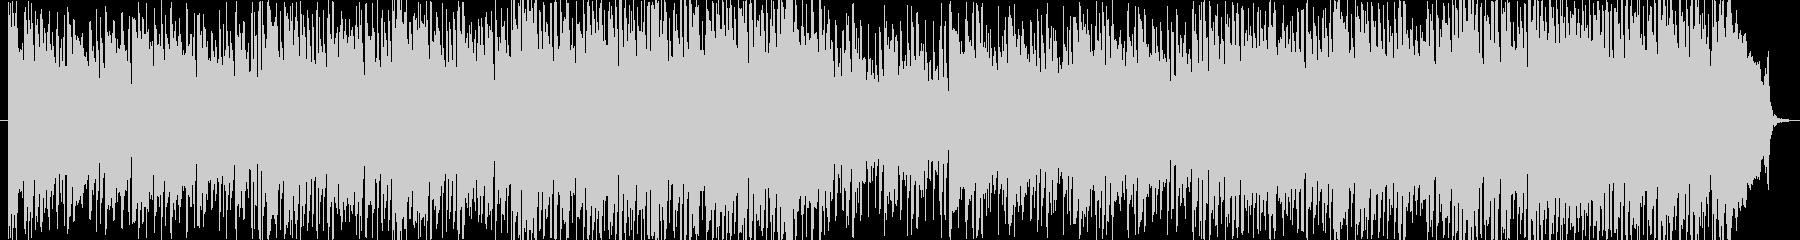 エレガントなミディアムテンポのBGMの未再生の波形